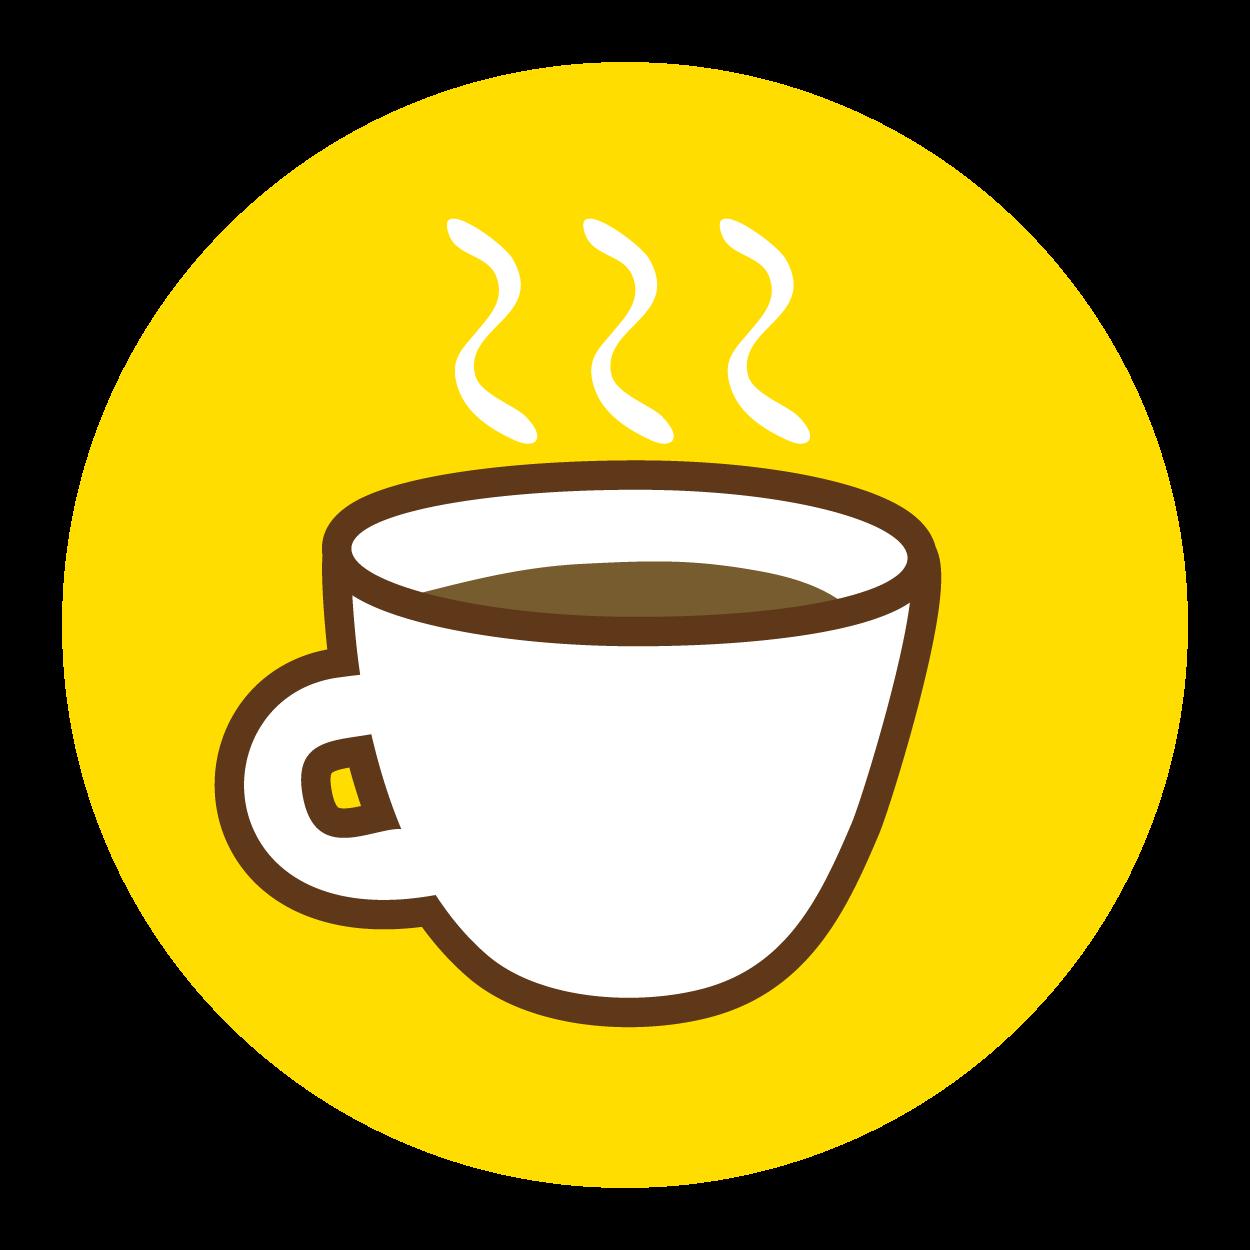 物件市場ポイントサービス:珈琲サービス